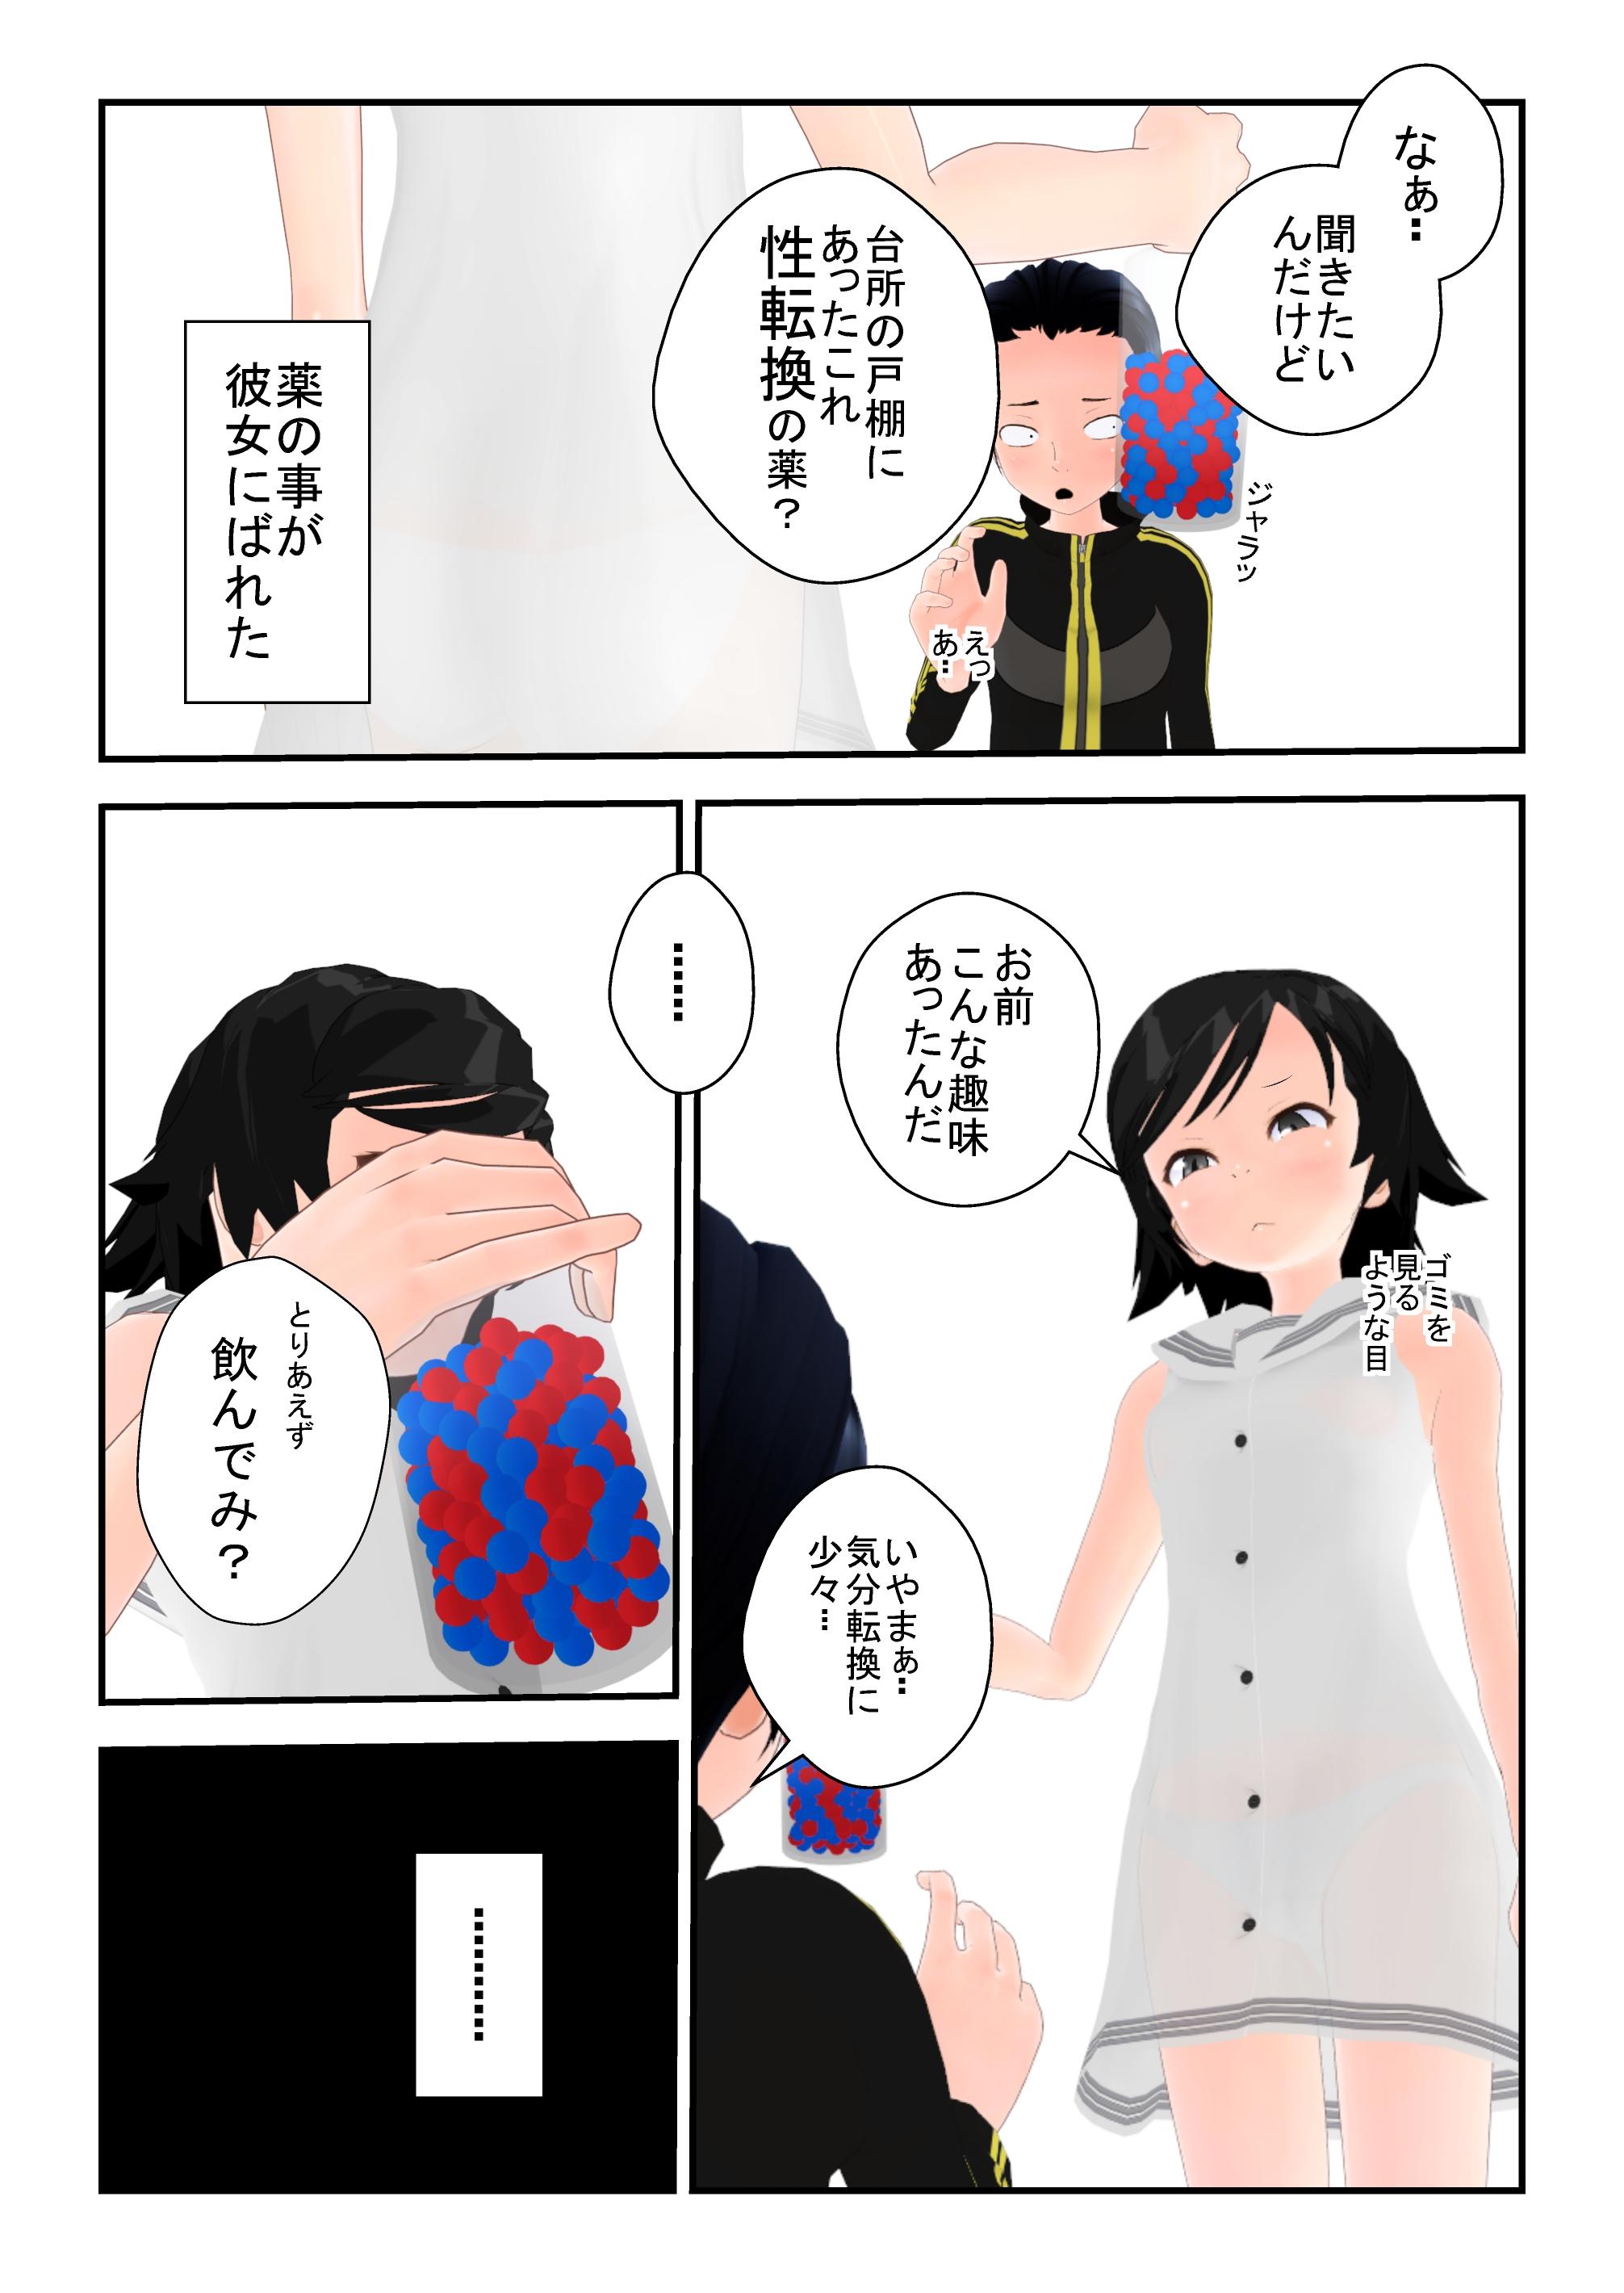 okusuri_0004.jpg